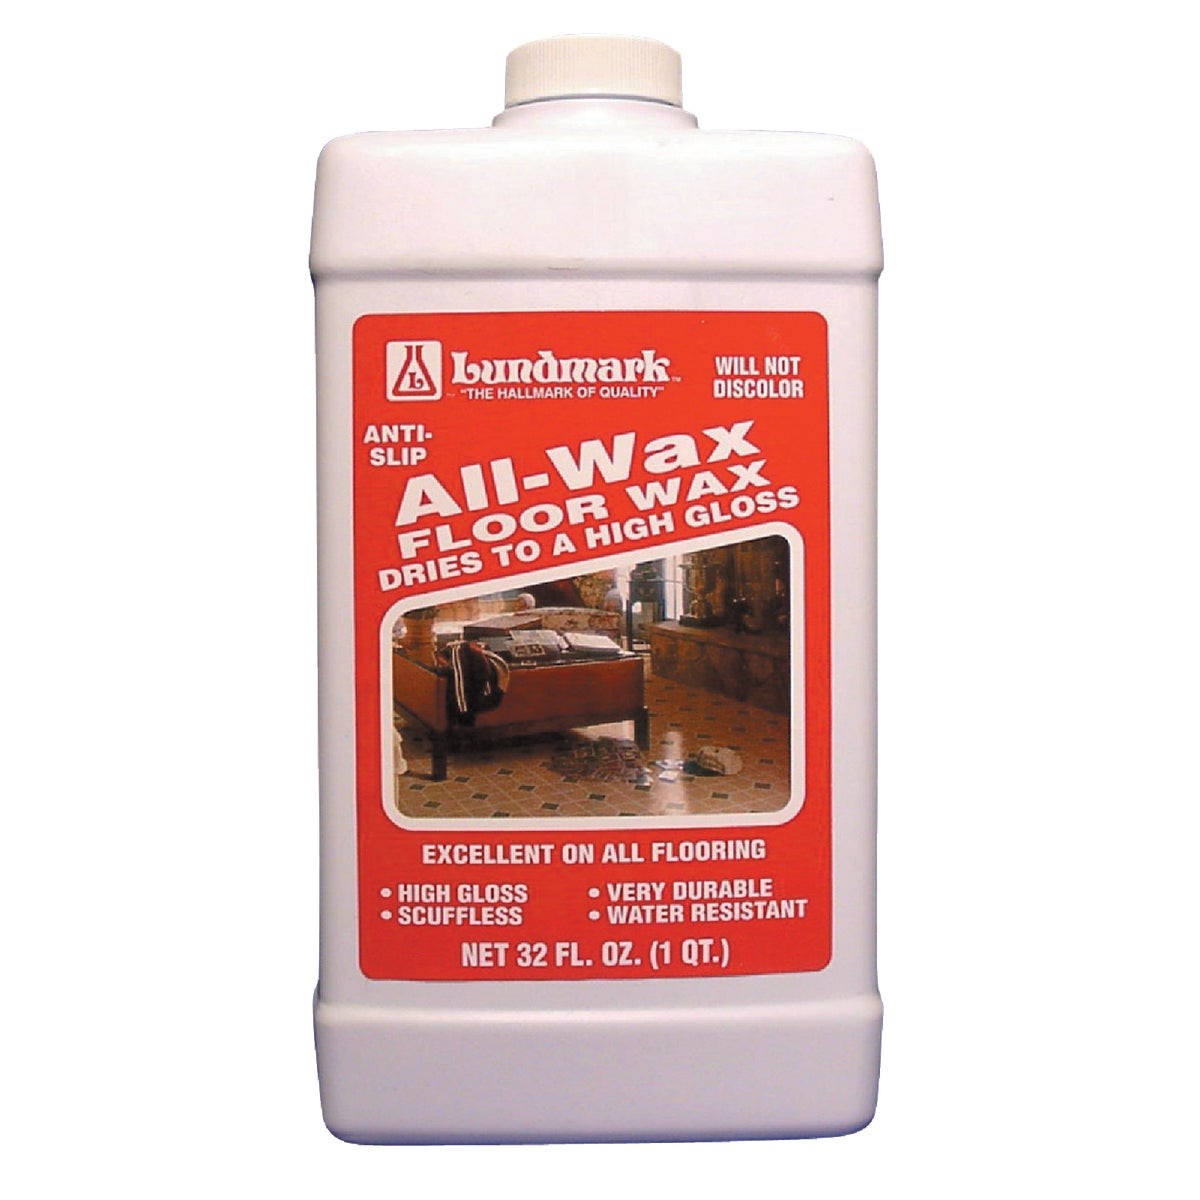 32OZ ALL-WAX FLOOR WAX - 3201F32-6 by Lundmark Wax Co